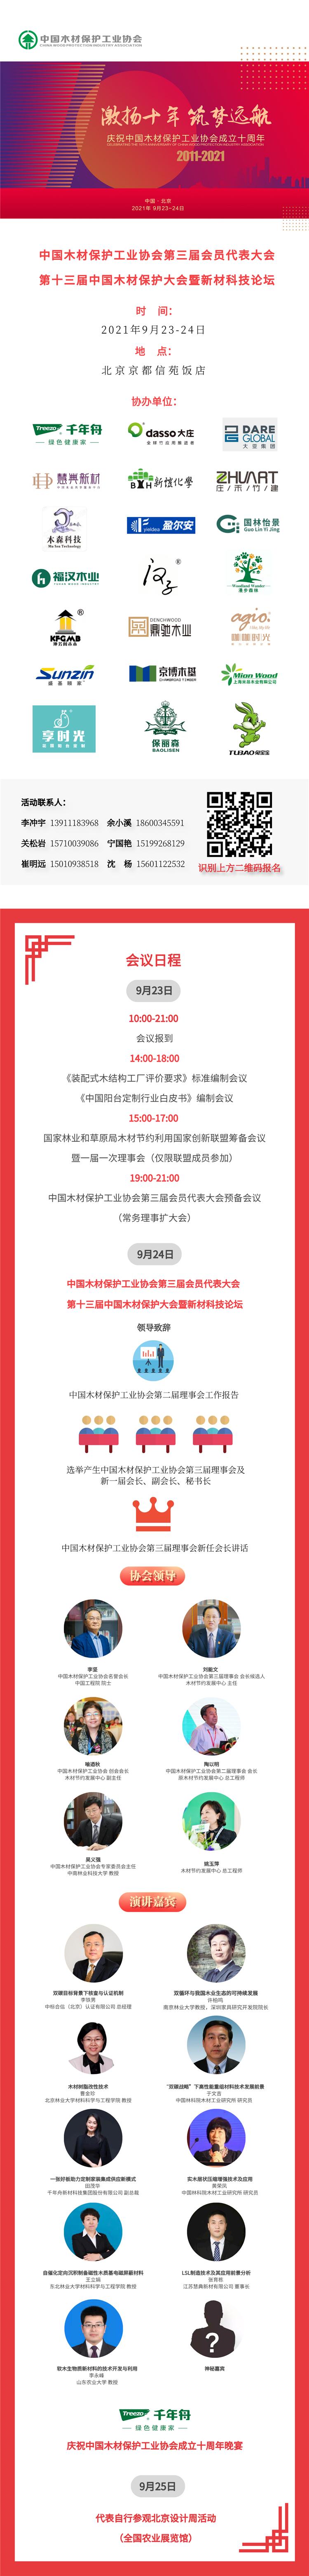 750最新十周年邀请函.png